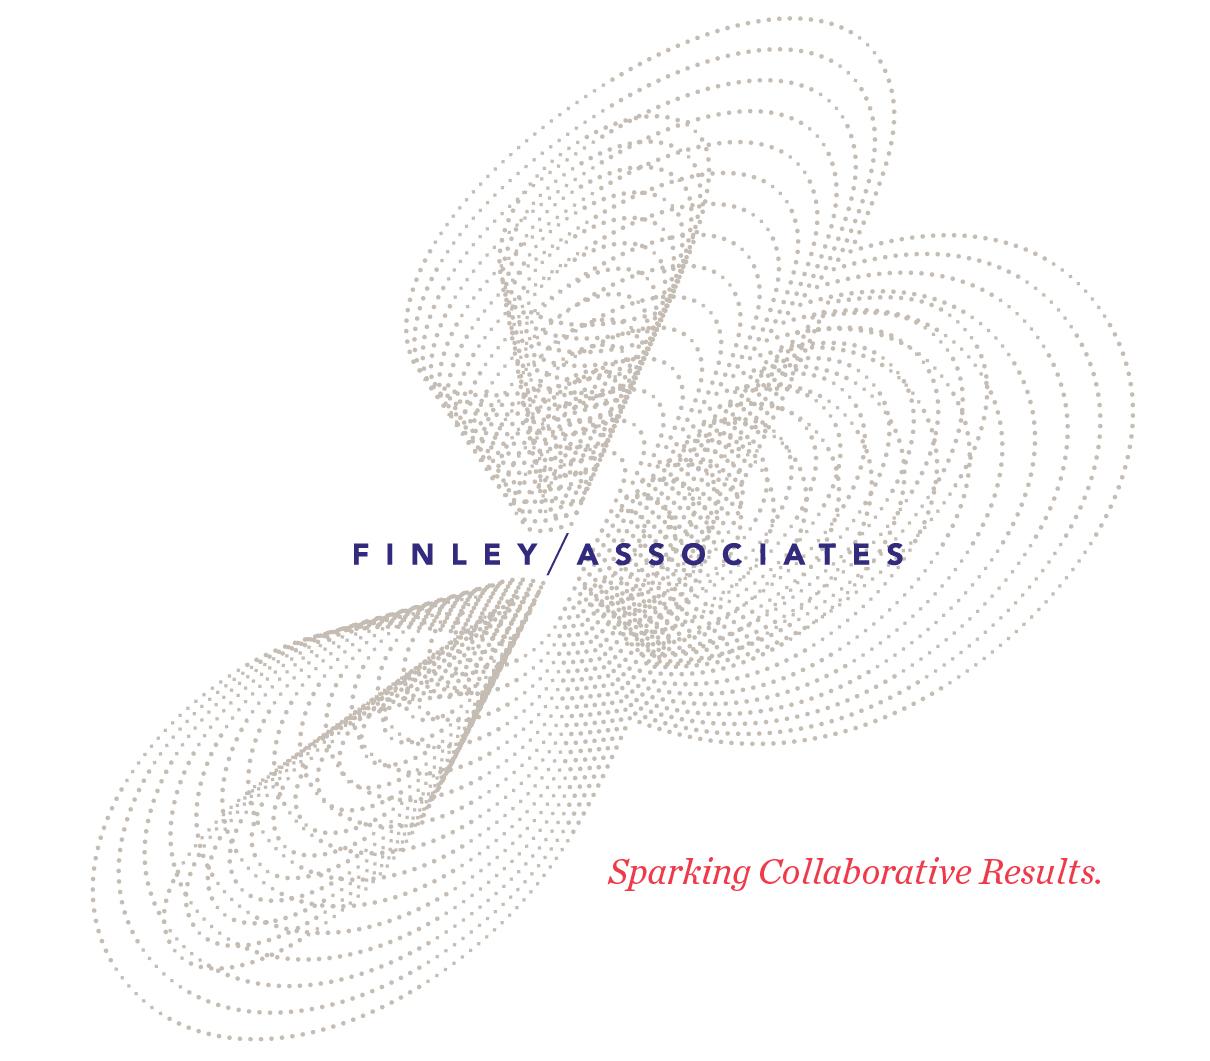 FIN_Letterhead_LogoTagline.jpg